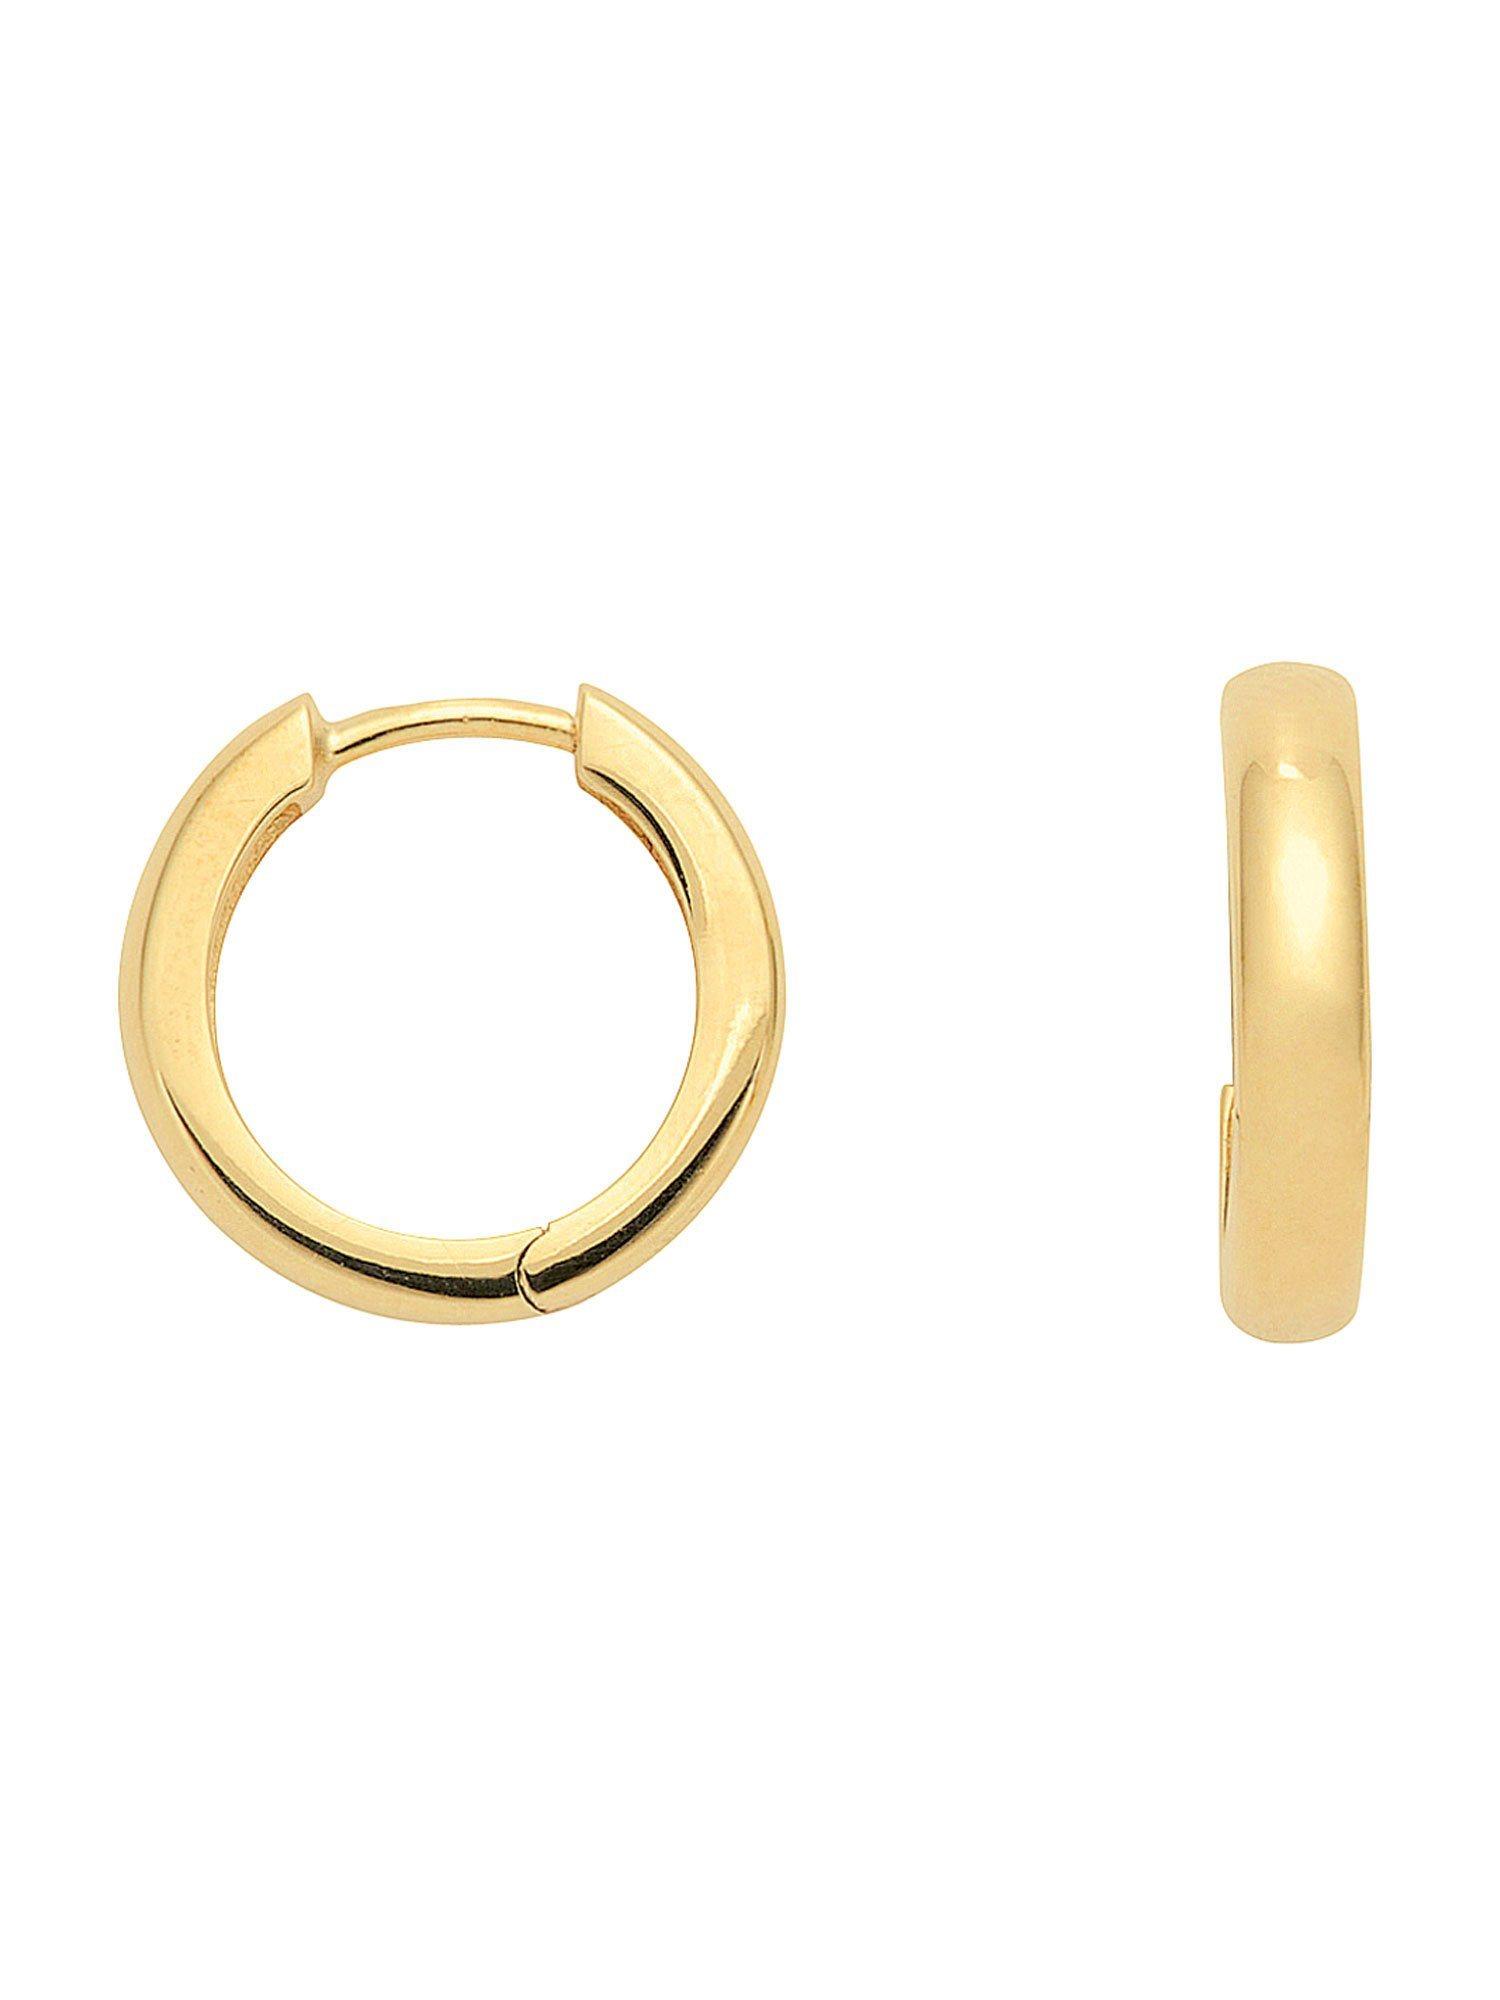 Adelia´s Paar Creolen »Gold Ohrringe« 14 k 585 Gelbgold Ø 1.5 cm | Schmuck > Ohrschmuck & Ohrringe > Creolen | Adelia´s